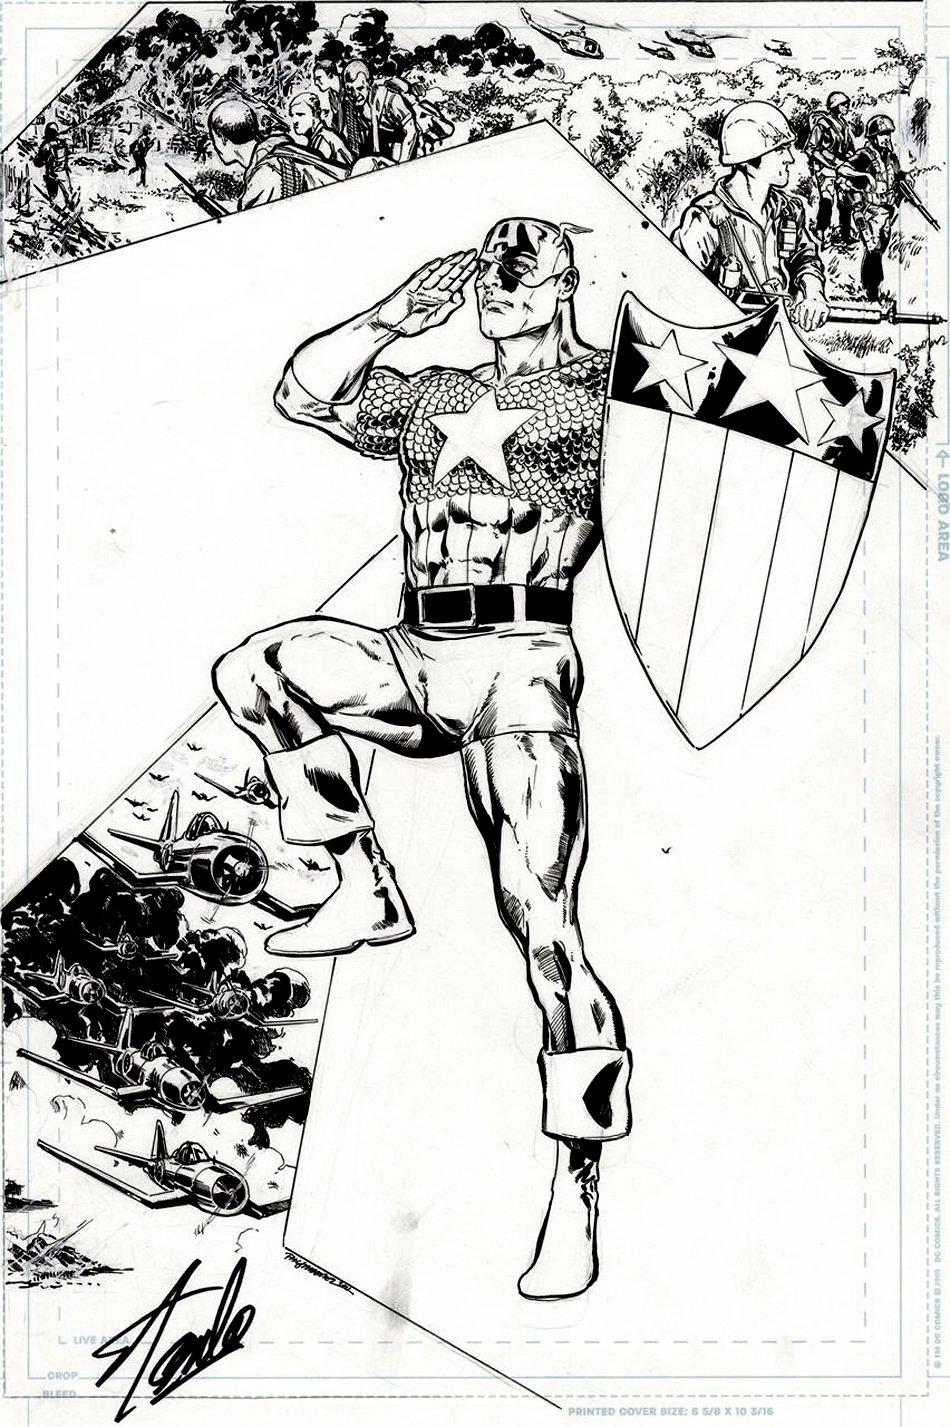 Captain America Corps #2 Cover (SPECTACULAR PATRIOTIC CAP IMAGE!)